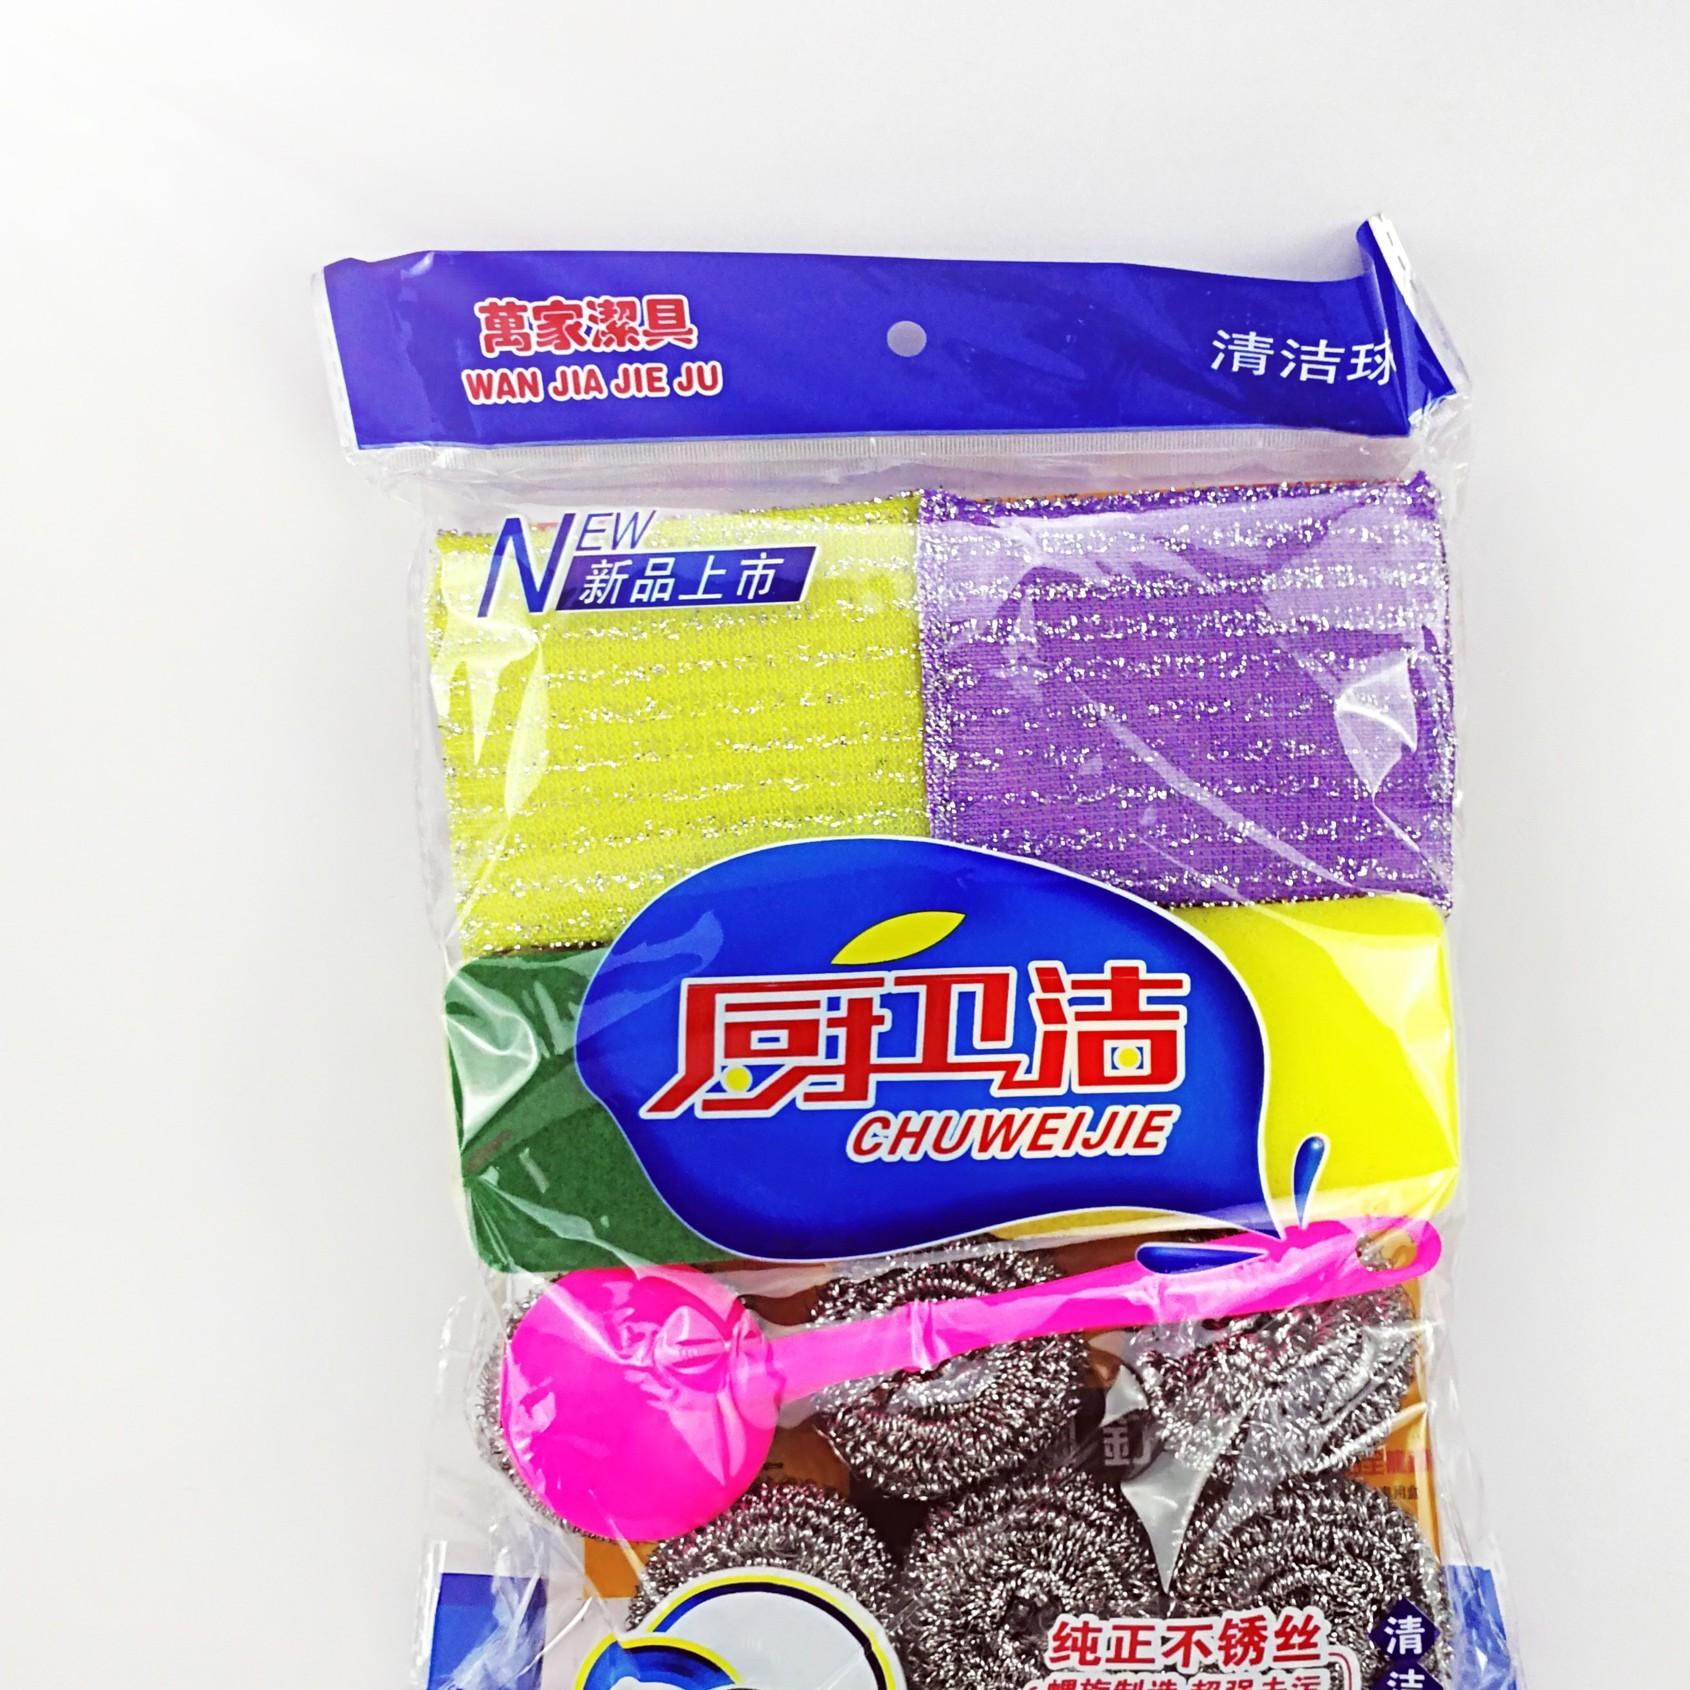 厂家直销清洁球 海绵锅刷组合套装 五元钢丝球13件套批发